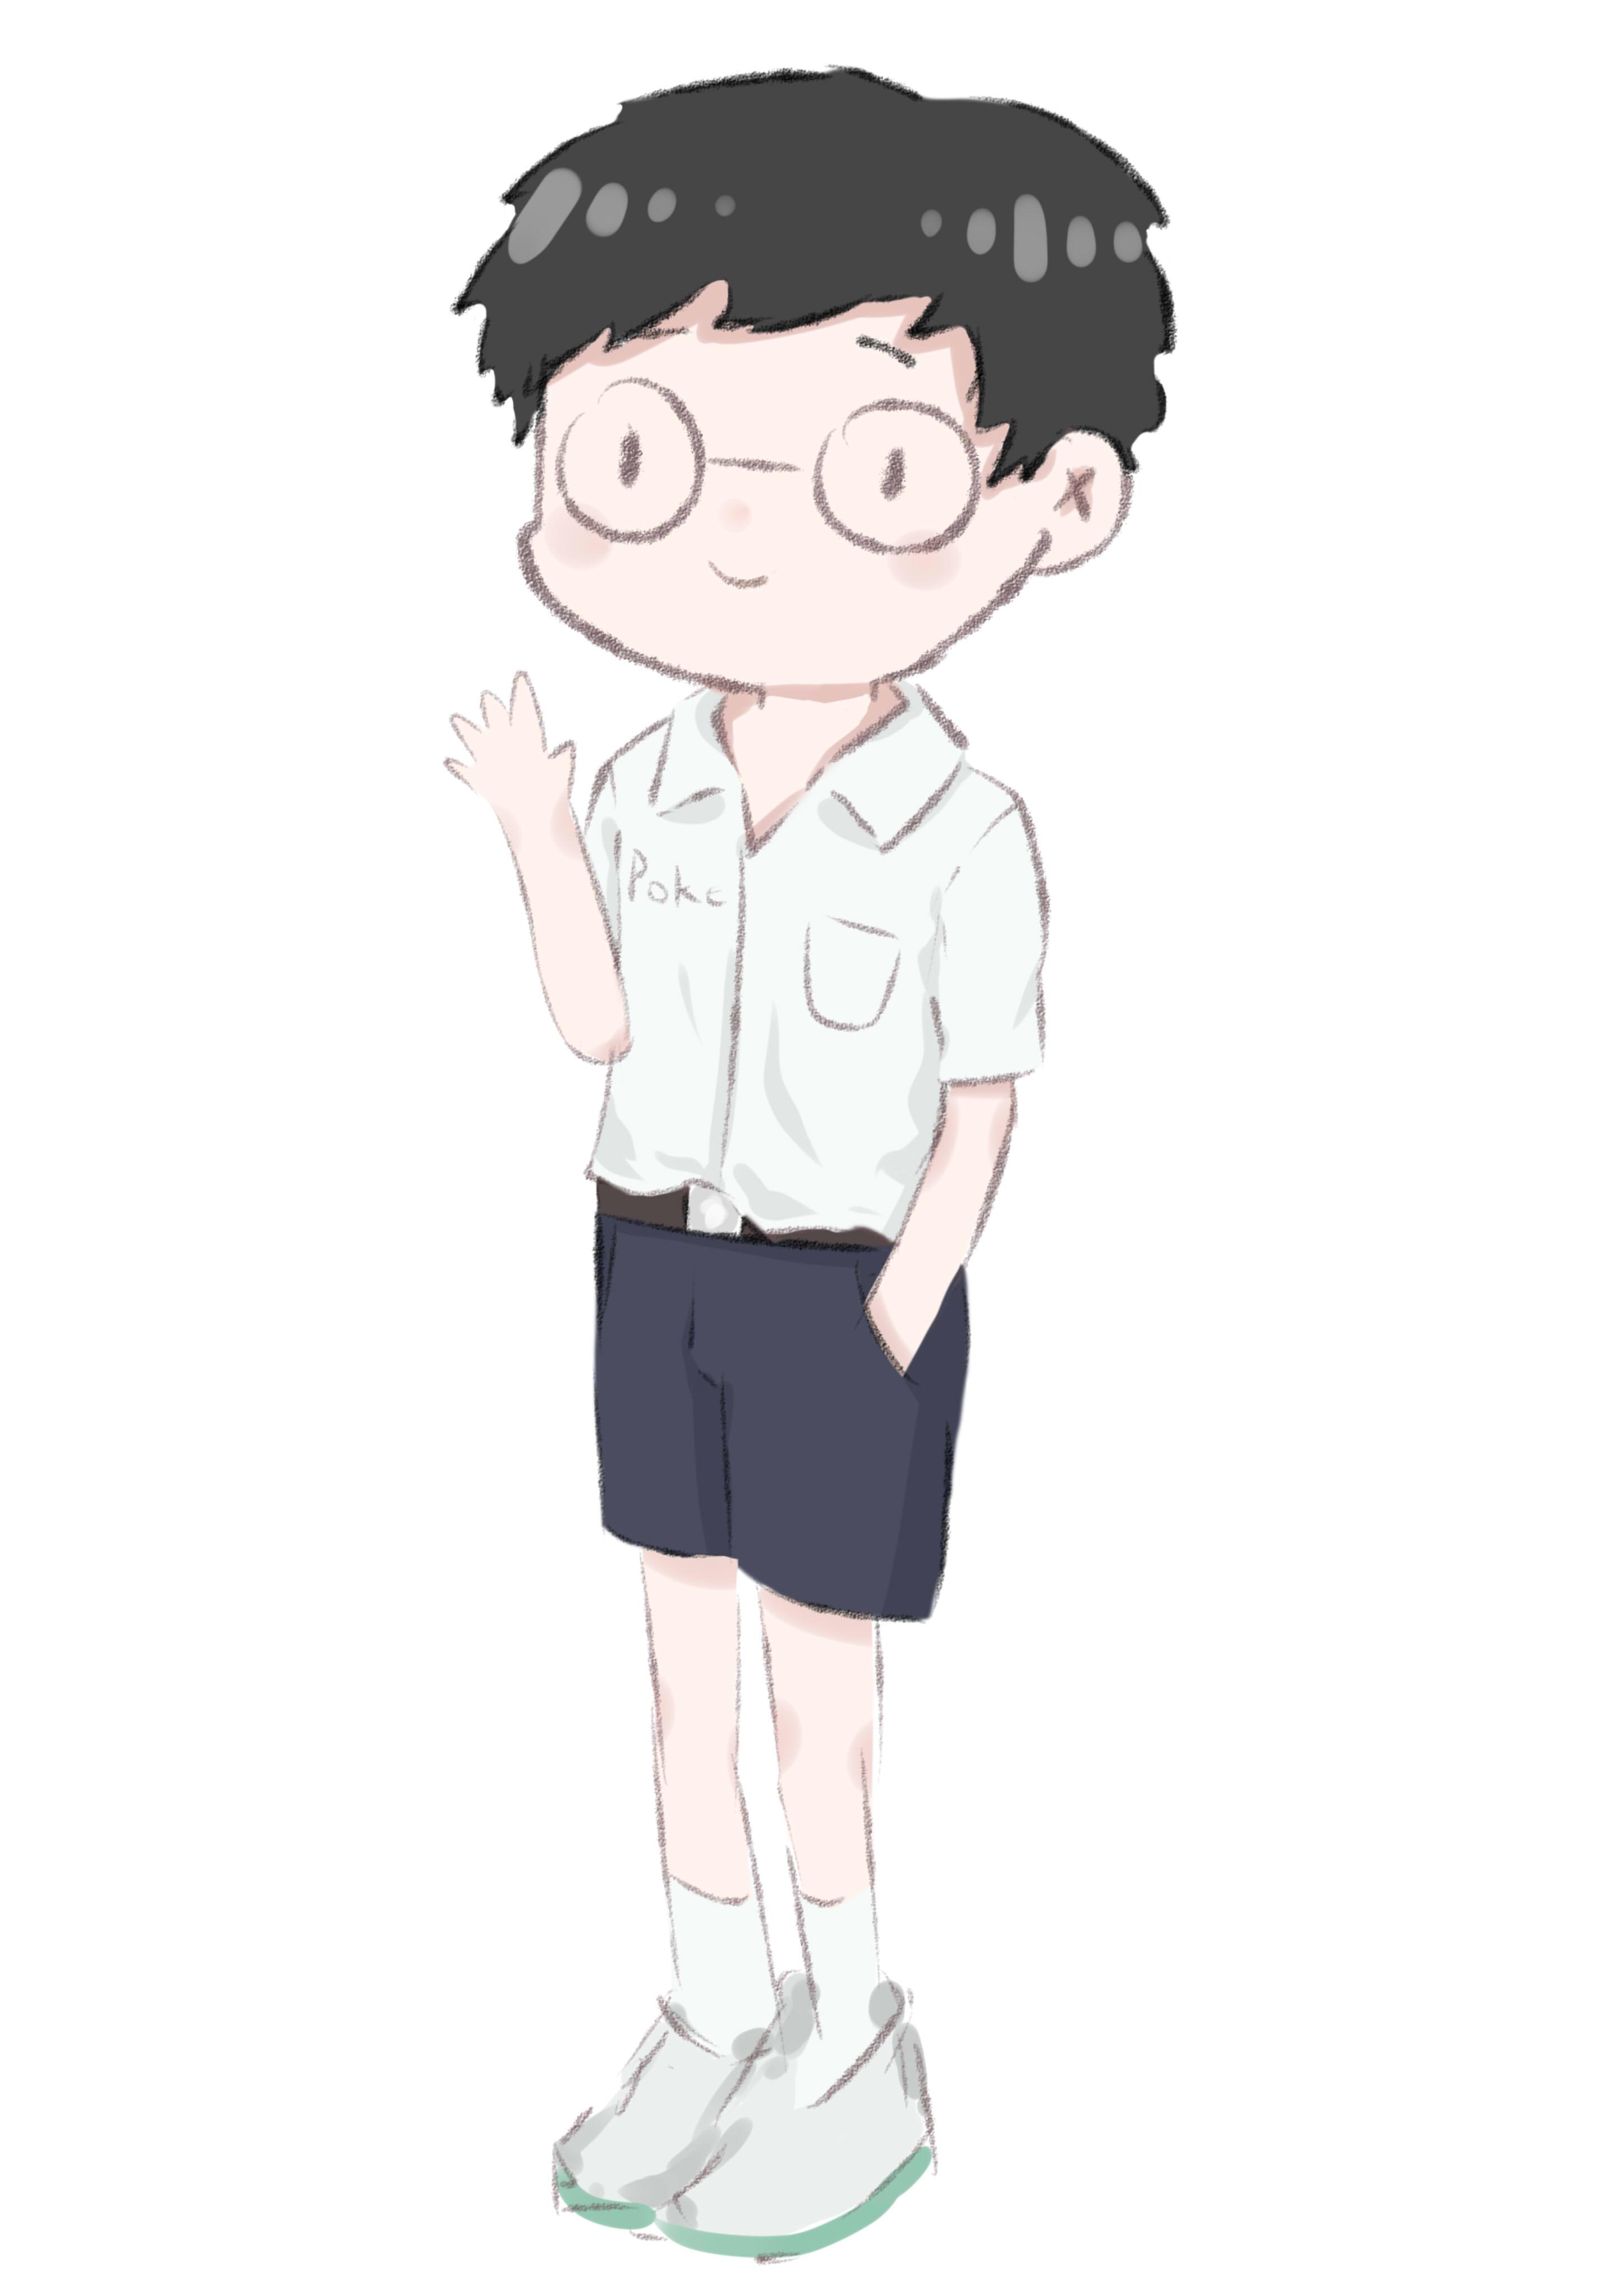 PokeTrivia's avatar